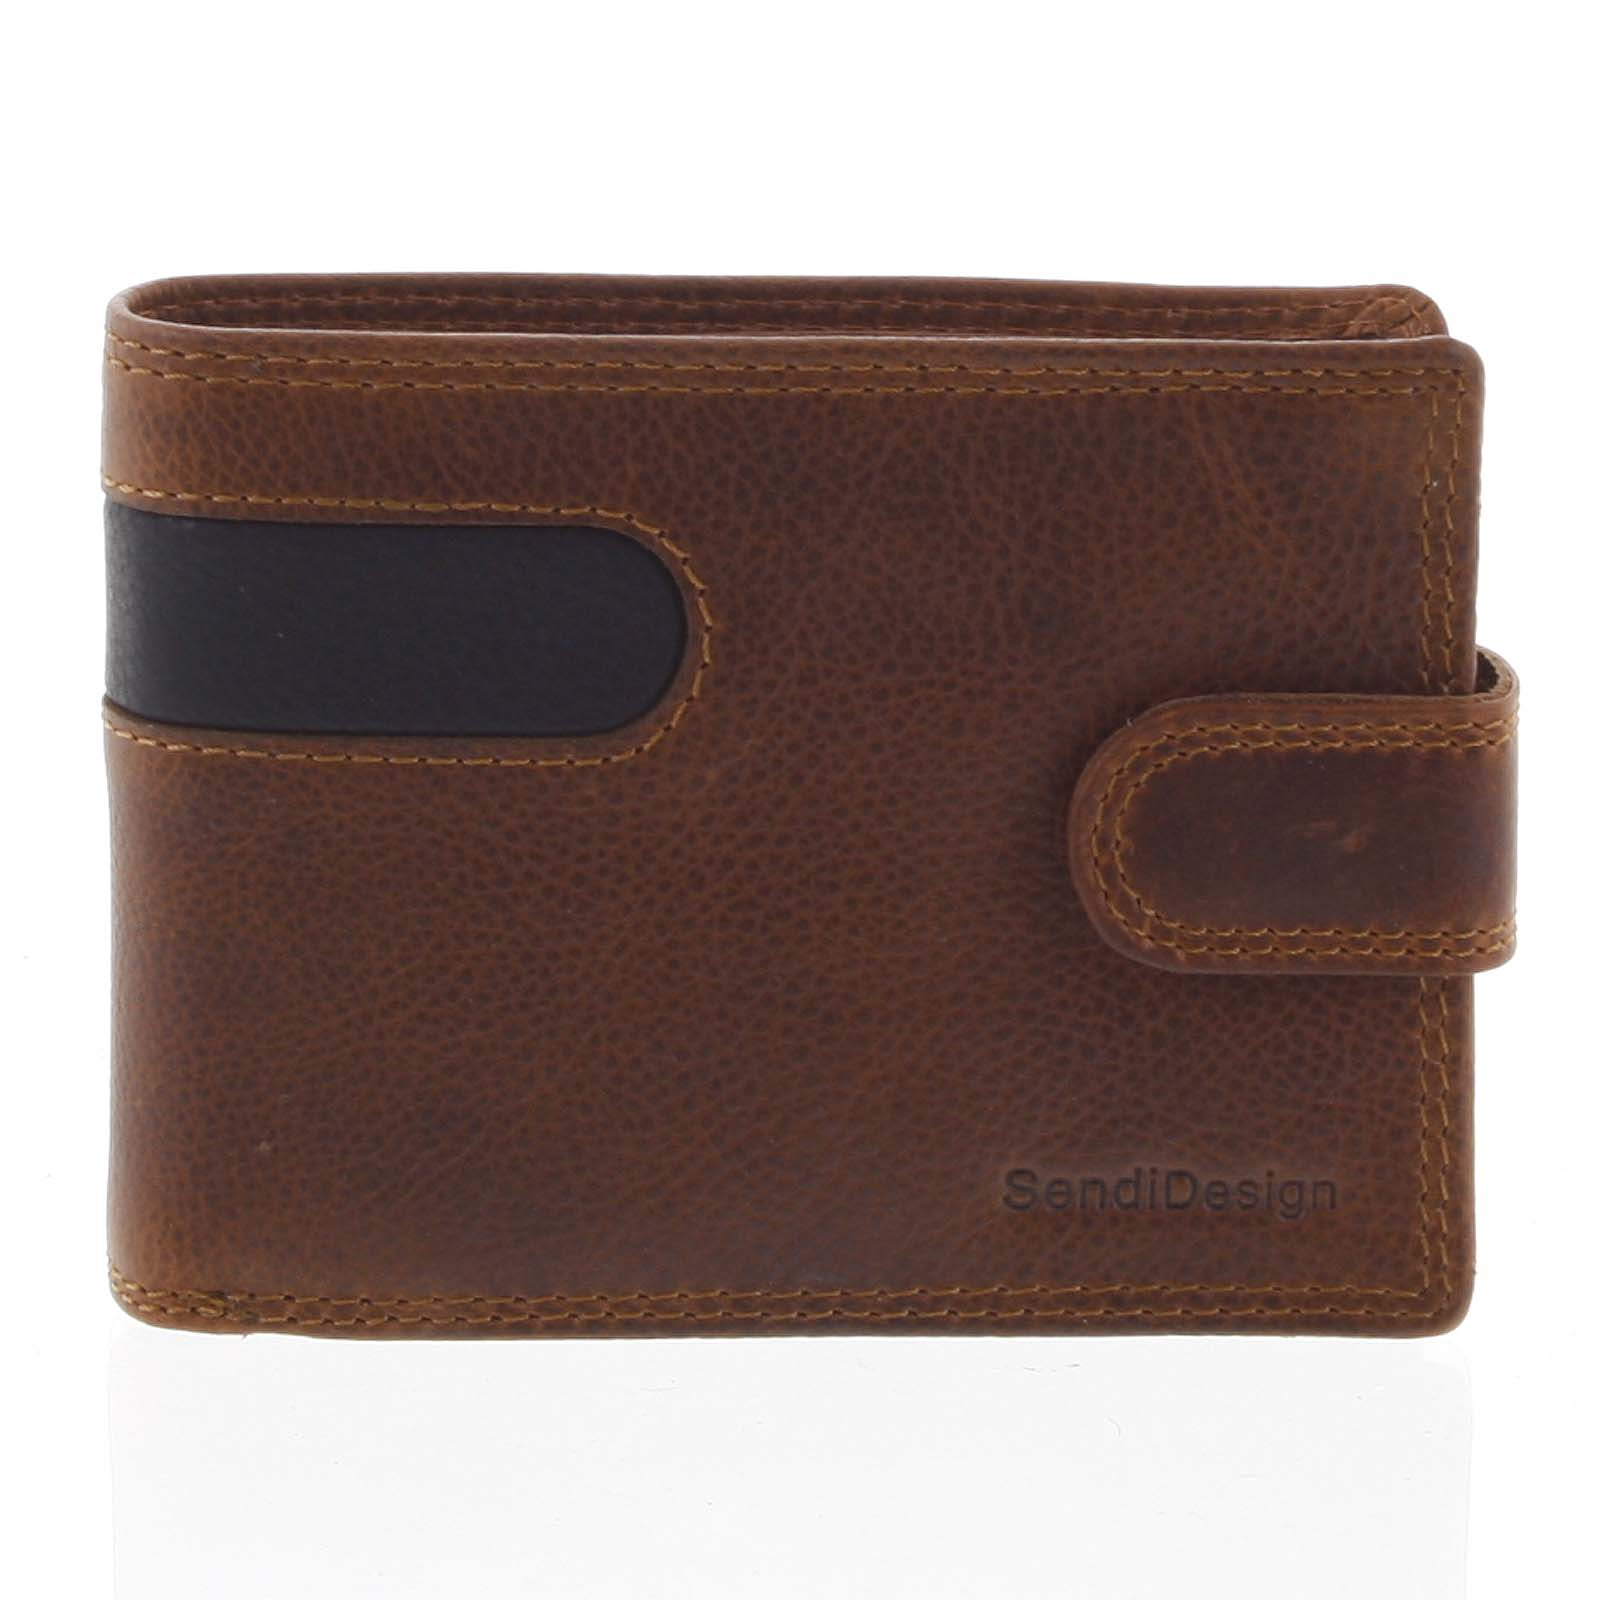 Obľúbená pánska kožená peňaženka hnedá - SendiDesign Igeal